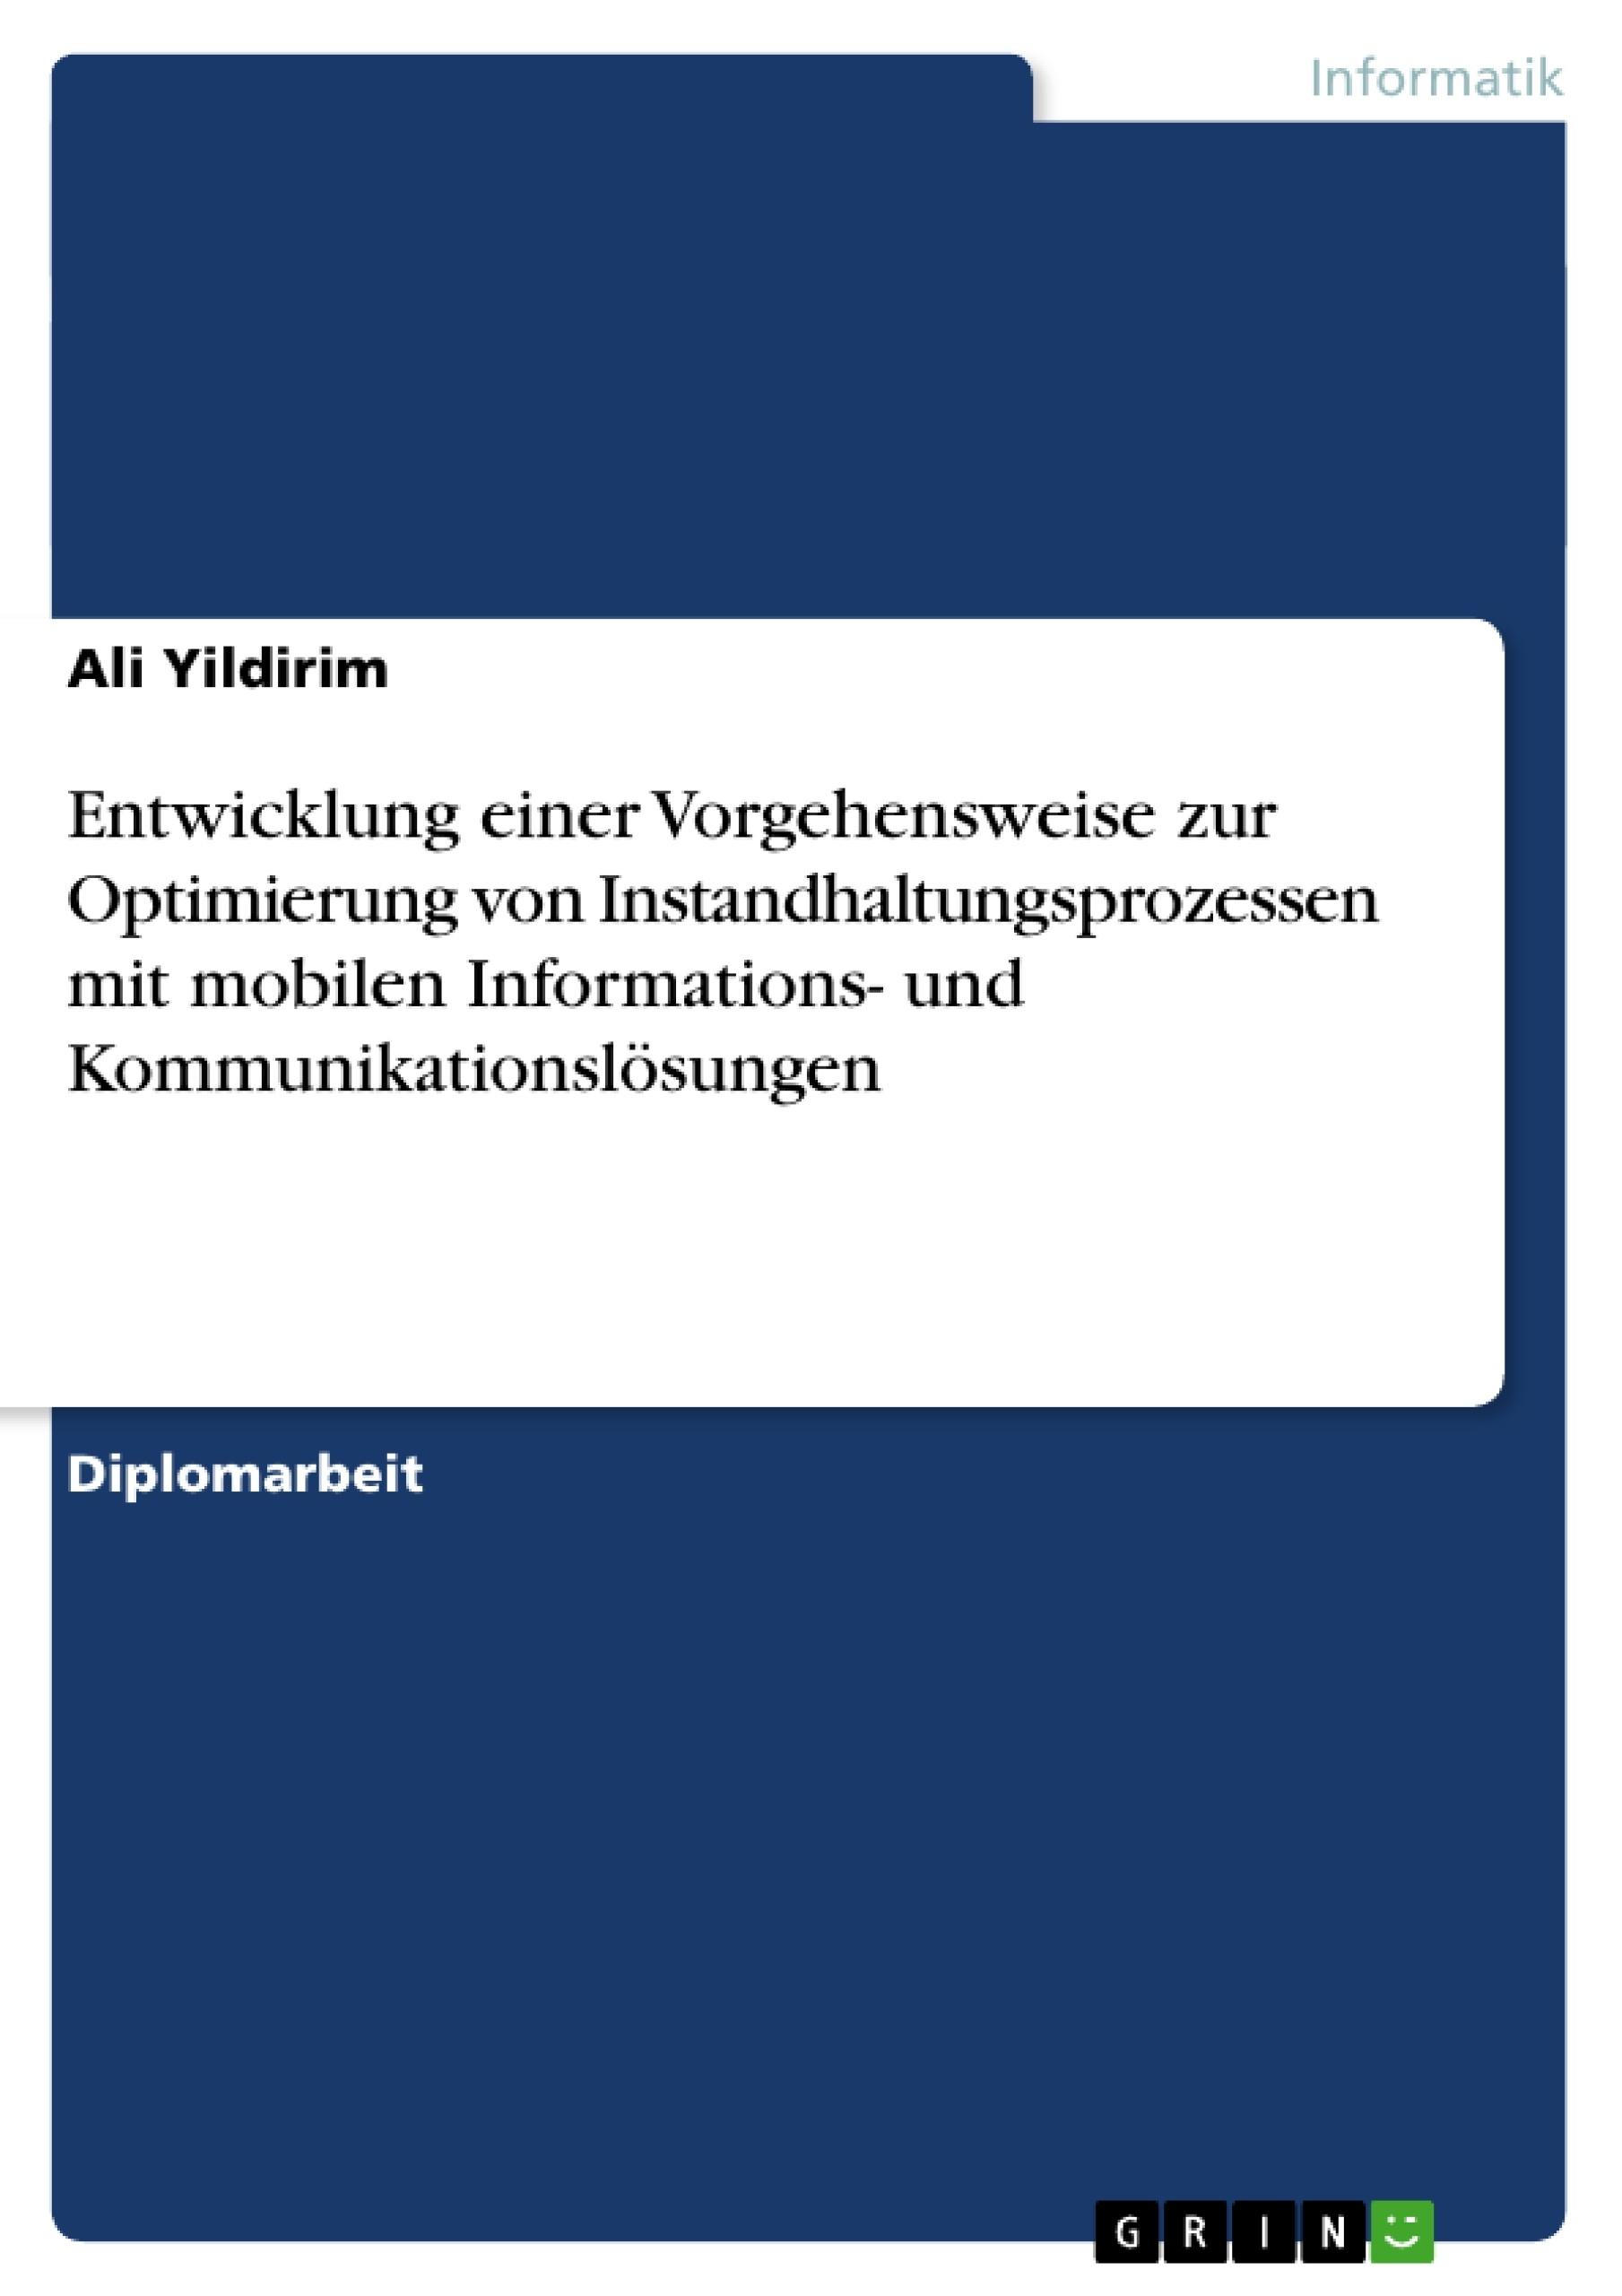 Titel: Entwicklung einer Vorgehensweise zur Optimierung von Instandhaltungsprozessen mit mobilen Informations- und Kommunikationslösungen